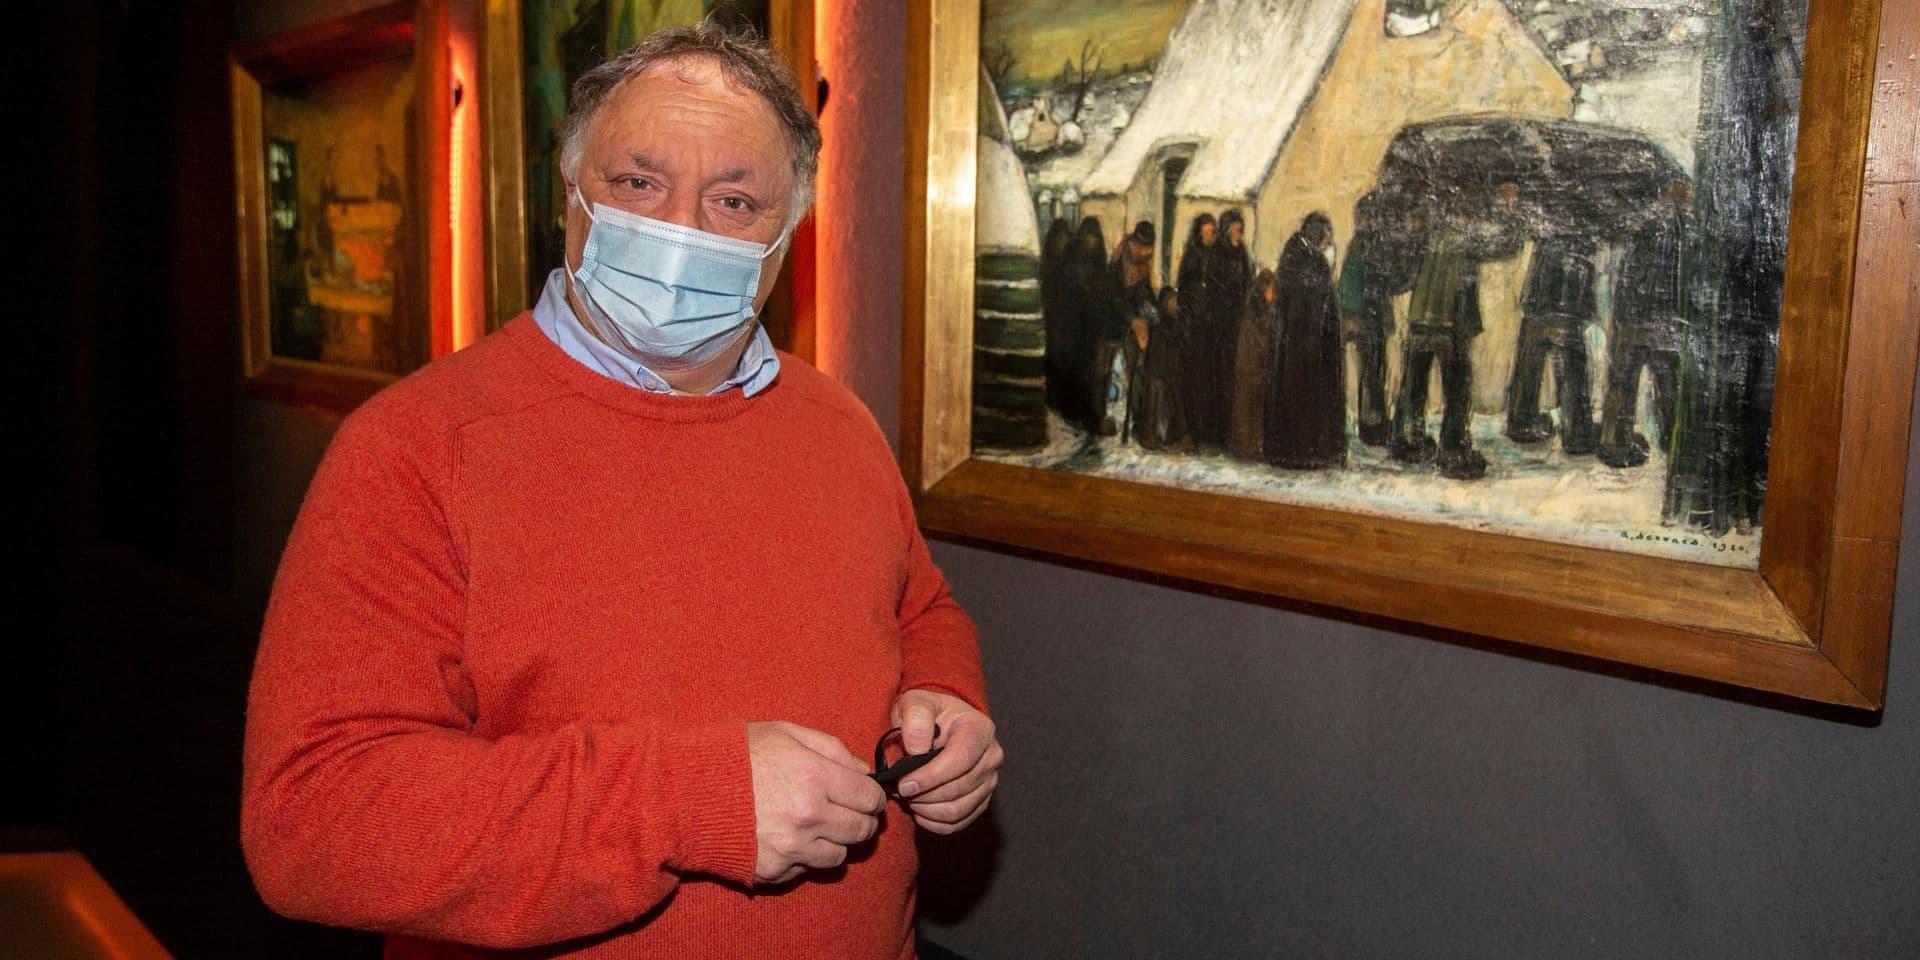 """Pas d'épidémie de grippe cet hiver, quelles conséquences pour l'année prochaine? """"Il y a deux hypothèses"""""""